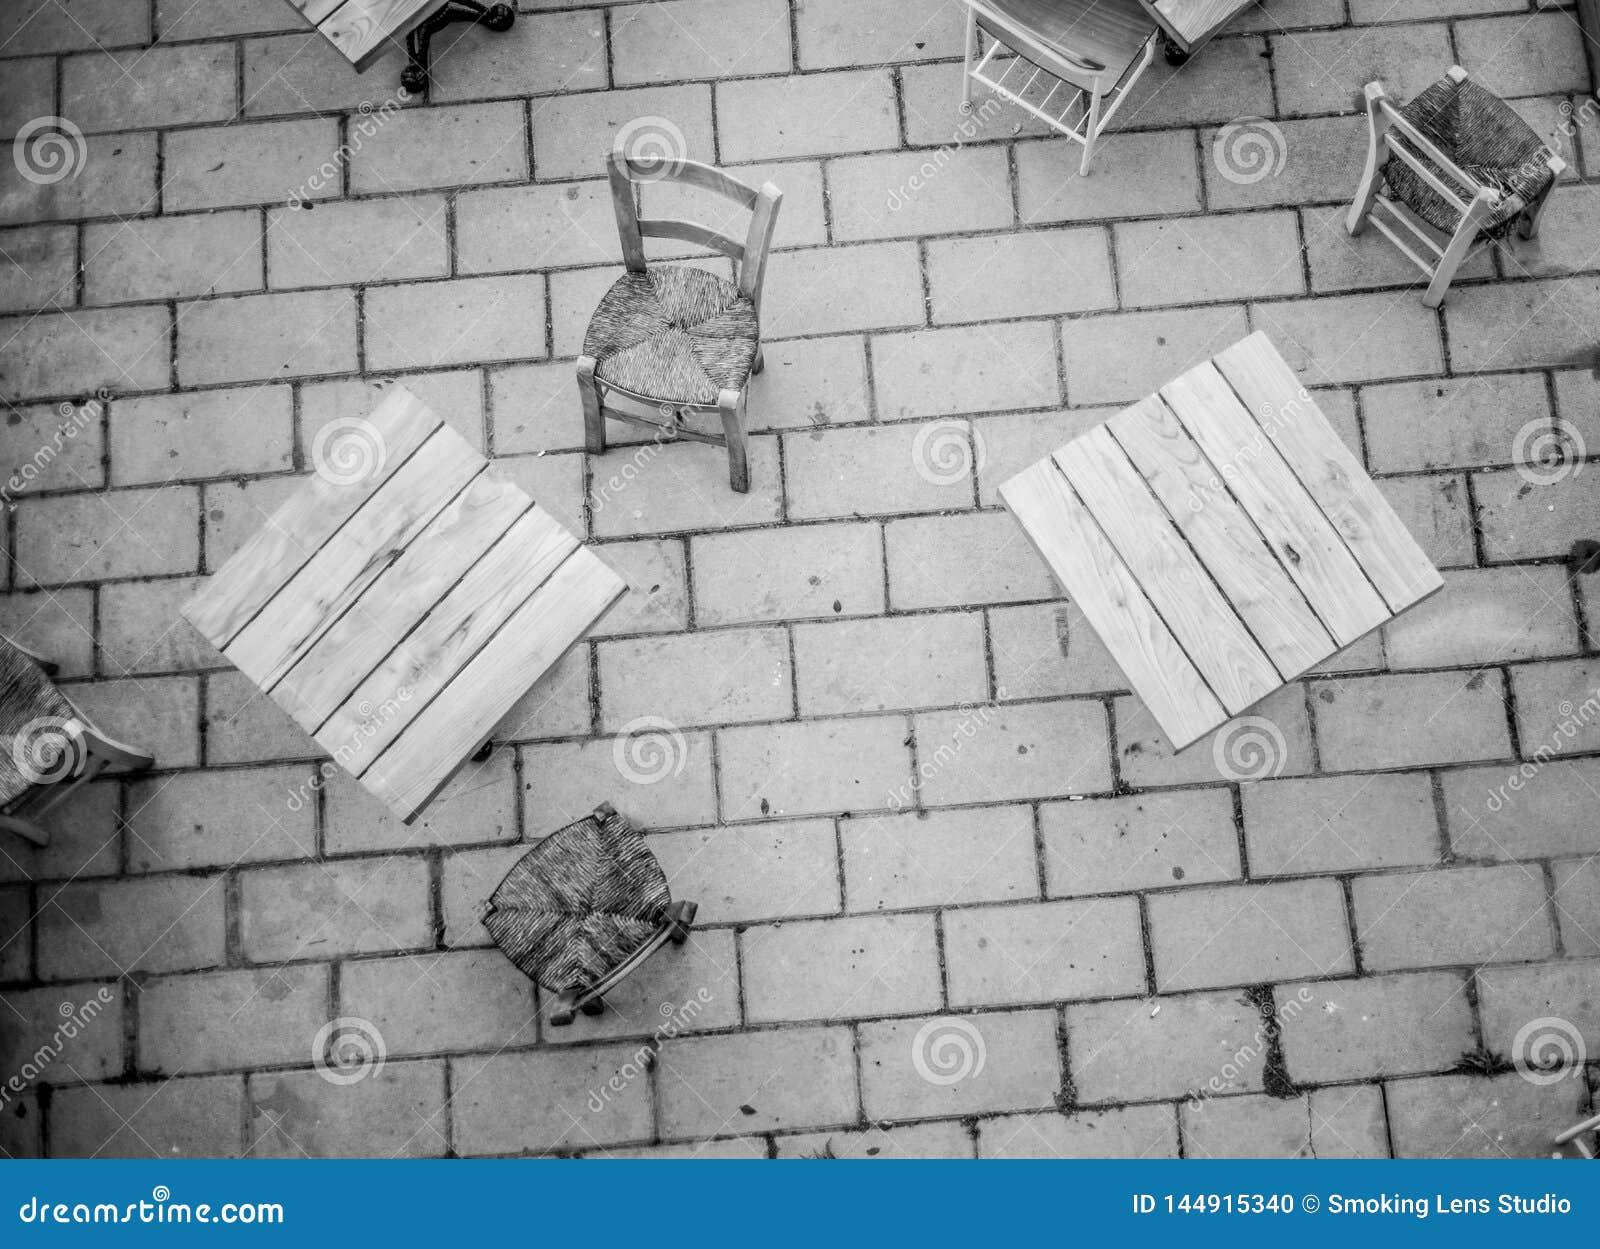 Koffietafels van hierboven in zwart-wit in een voetstraat